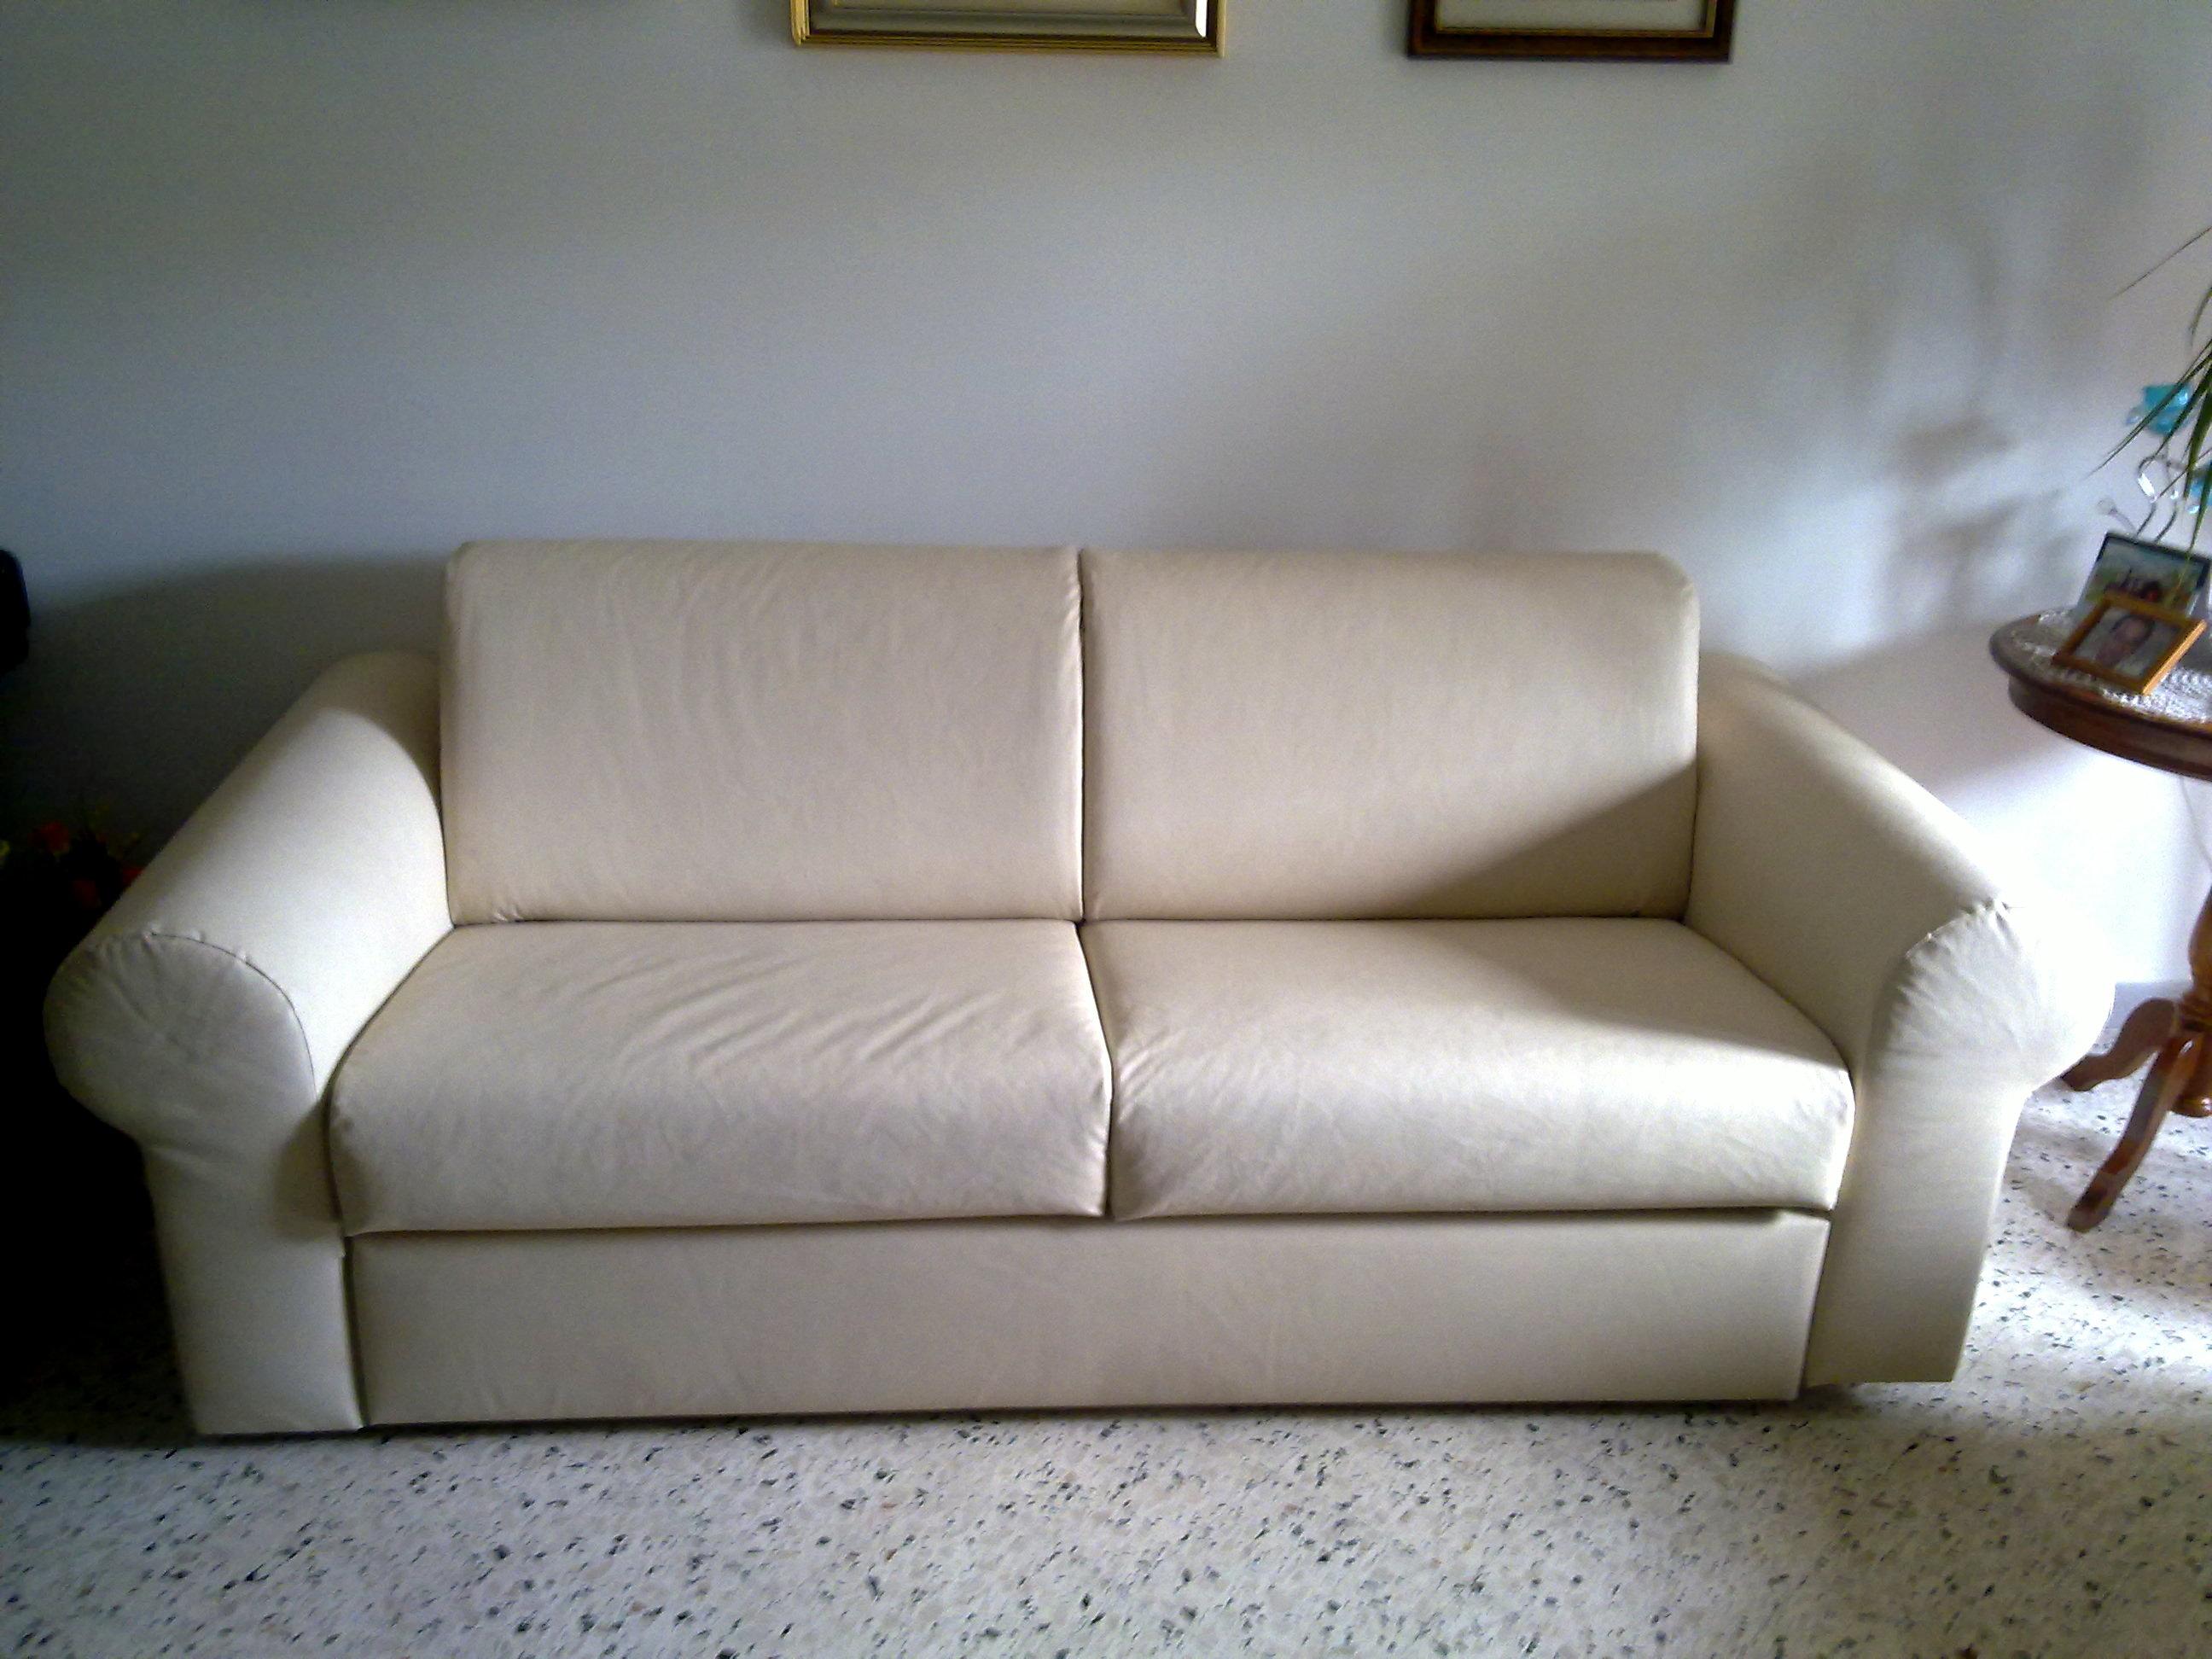 Tappezzeria divano in ecopelle arredo tendaggi - Divano ecopelle screpolato ...